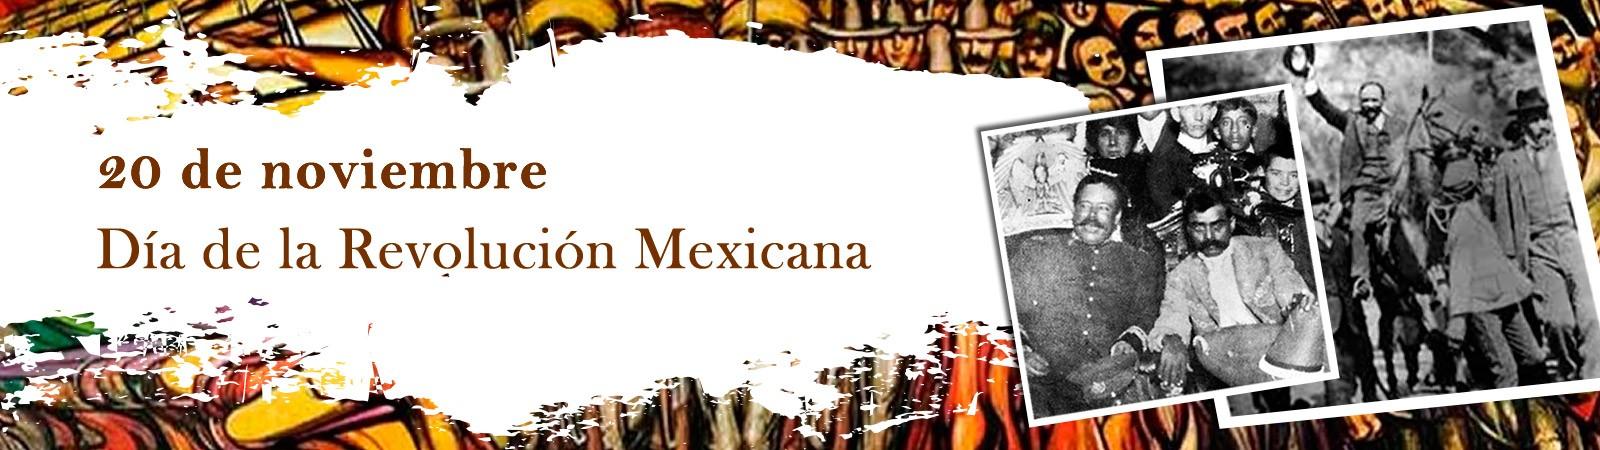 Banner conmemorativo del Aniversario de la Revolución Mexicana 2018